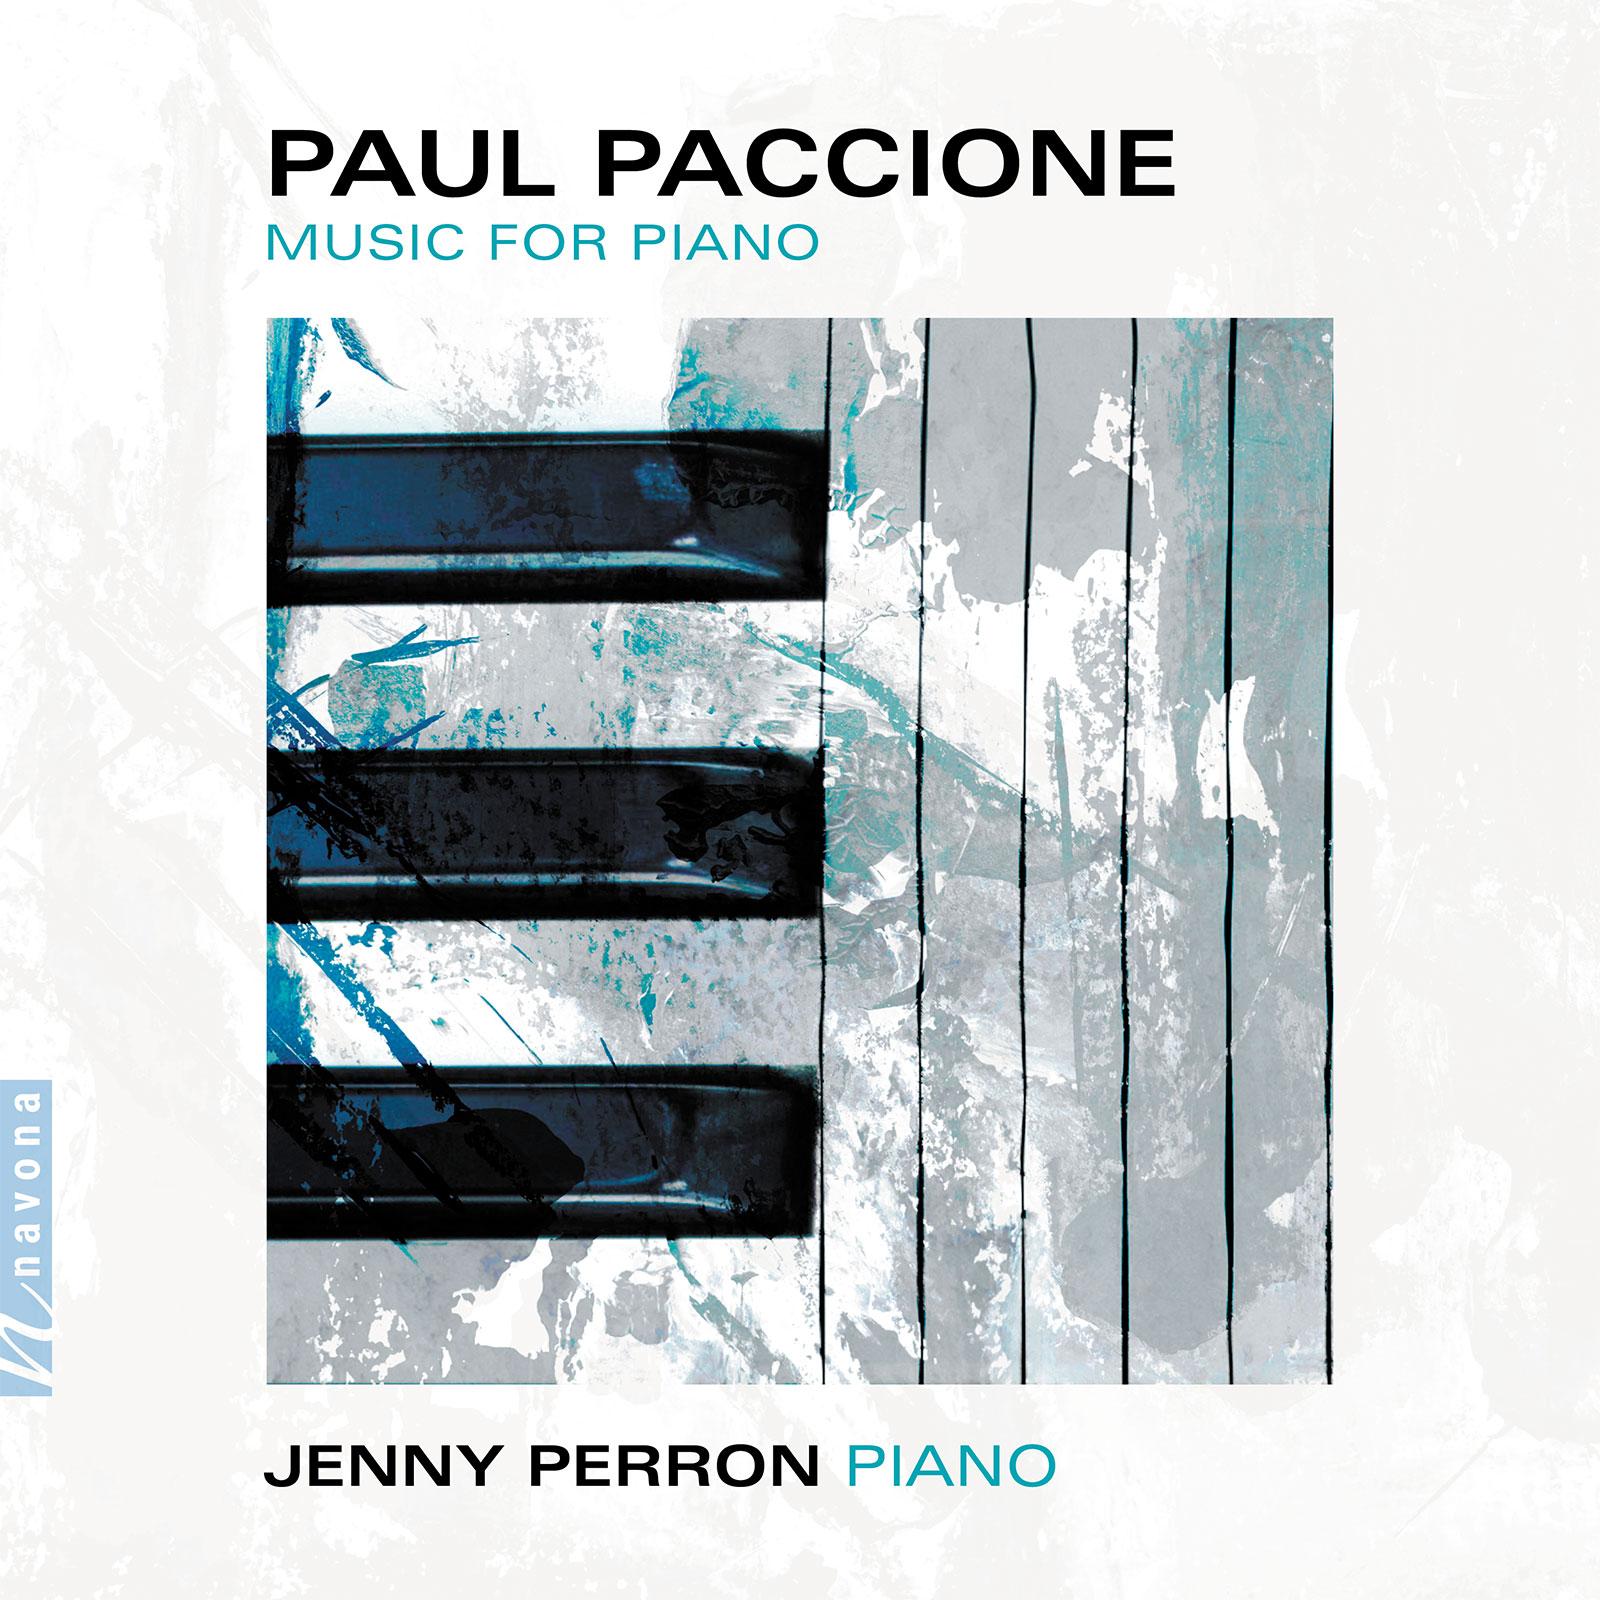 MUSIC FOR PIANO - Paul Paccione - Album Cover